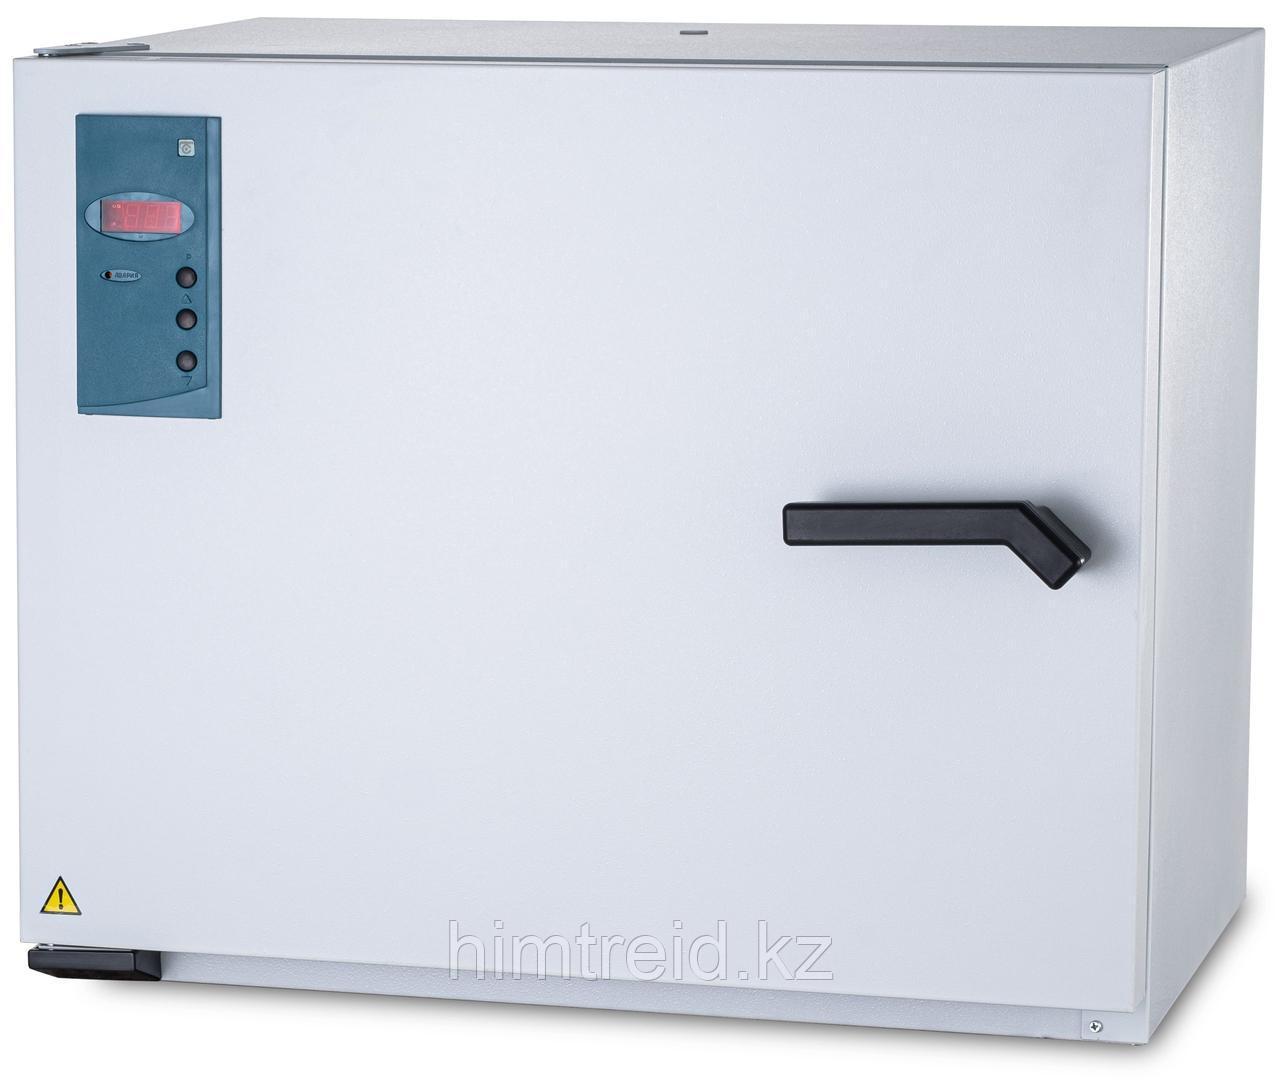 Шкаф сушильный ШС-80-01 СПУ арт 2001 (t° до +200 0С, камера  из  нержавеющей  стали)